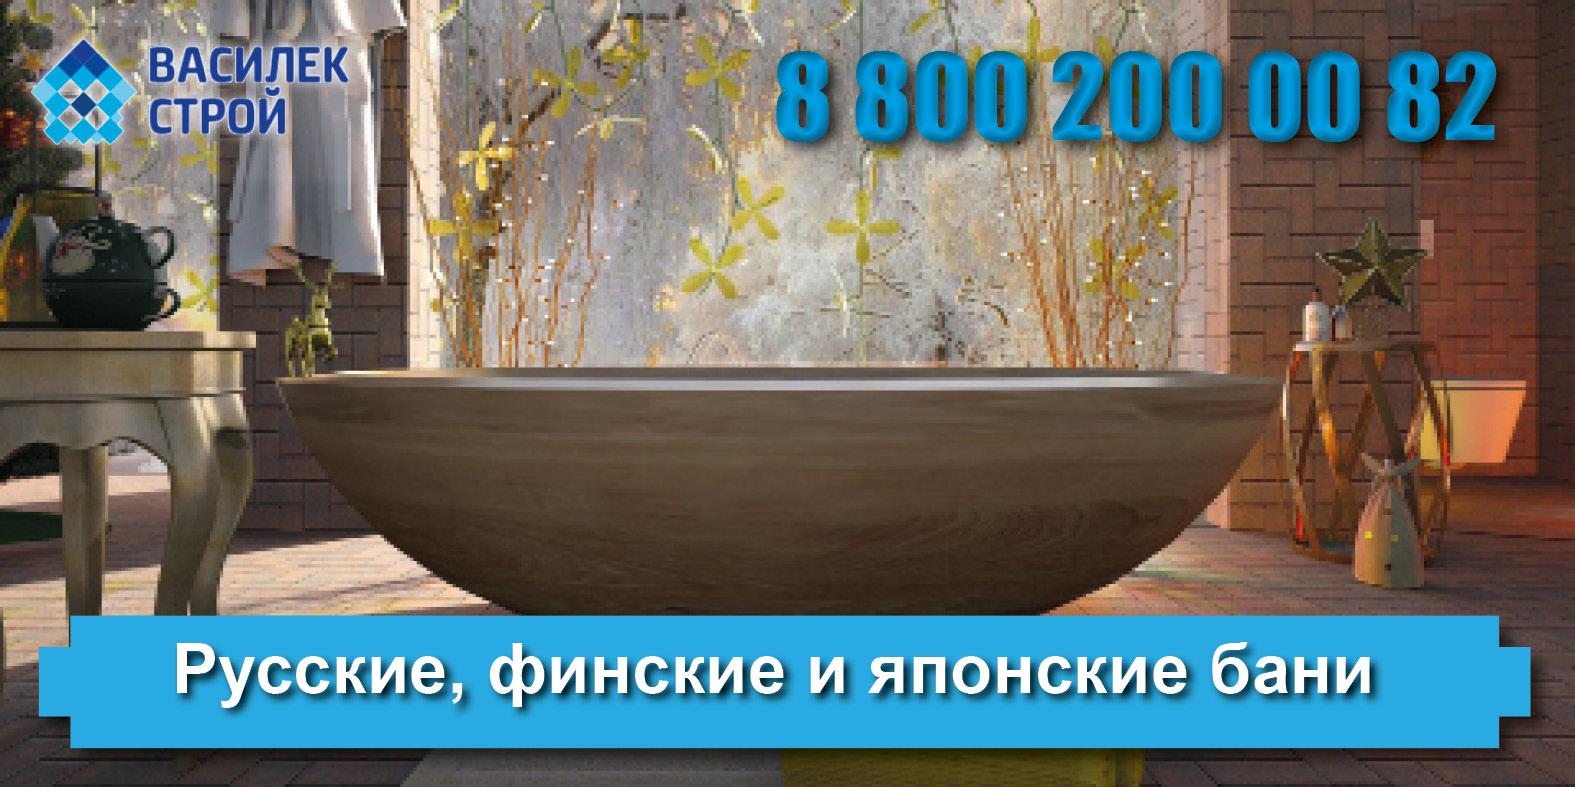 Быстрое и недорогое строительство бань из бруса: как дешево построить баню из бруса с помощью подрядчика